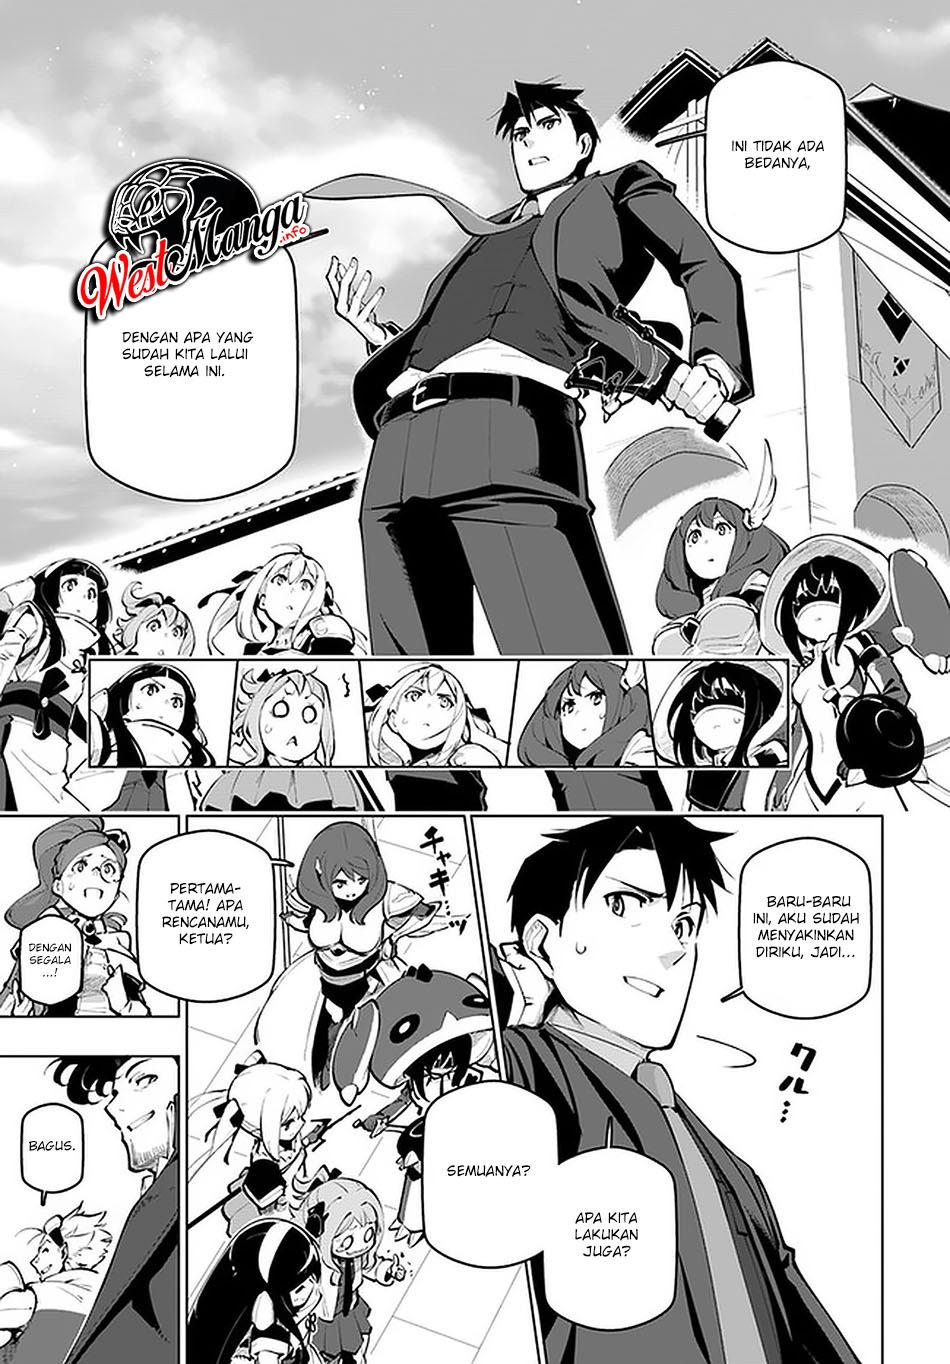 Sekai Saikyou no Kouei: Meikyuukoku no Shinjin Tansakusha: Chapter 19 - Page 16